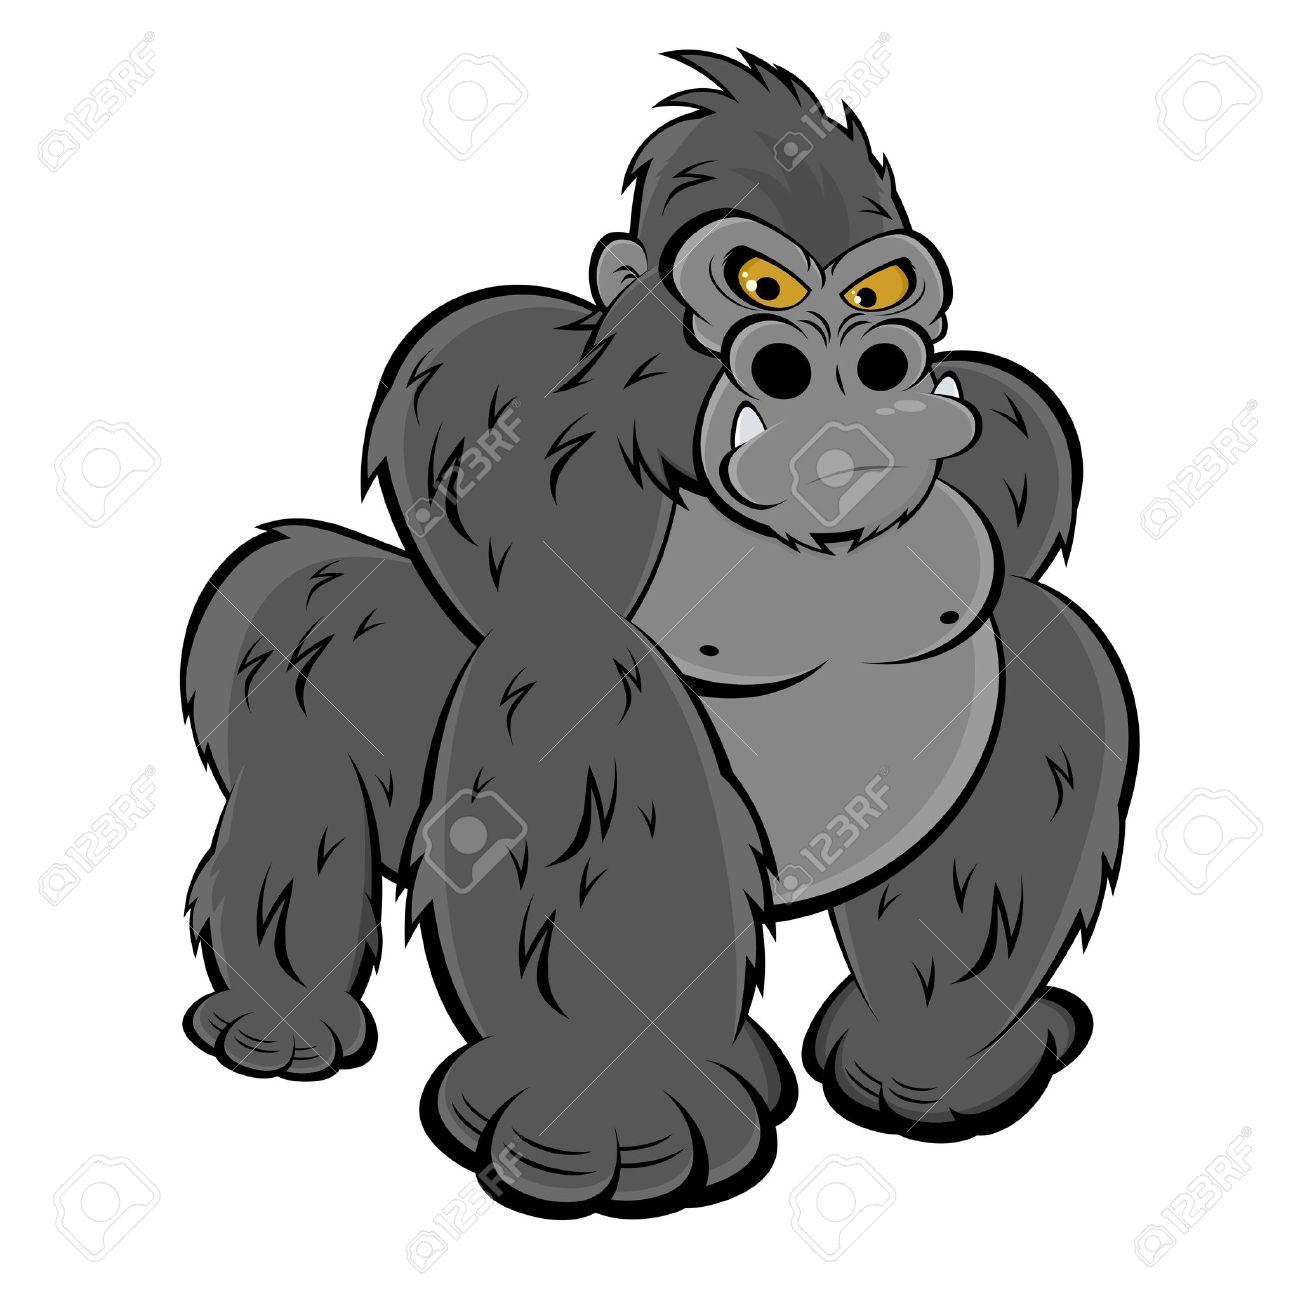 1154 Gorilla free clipart.